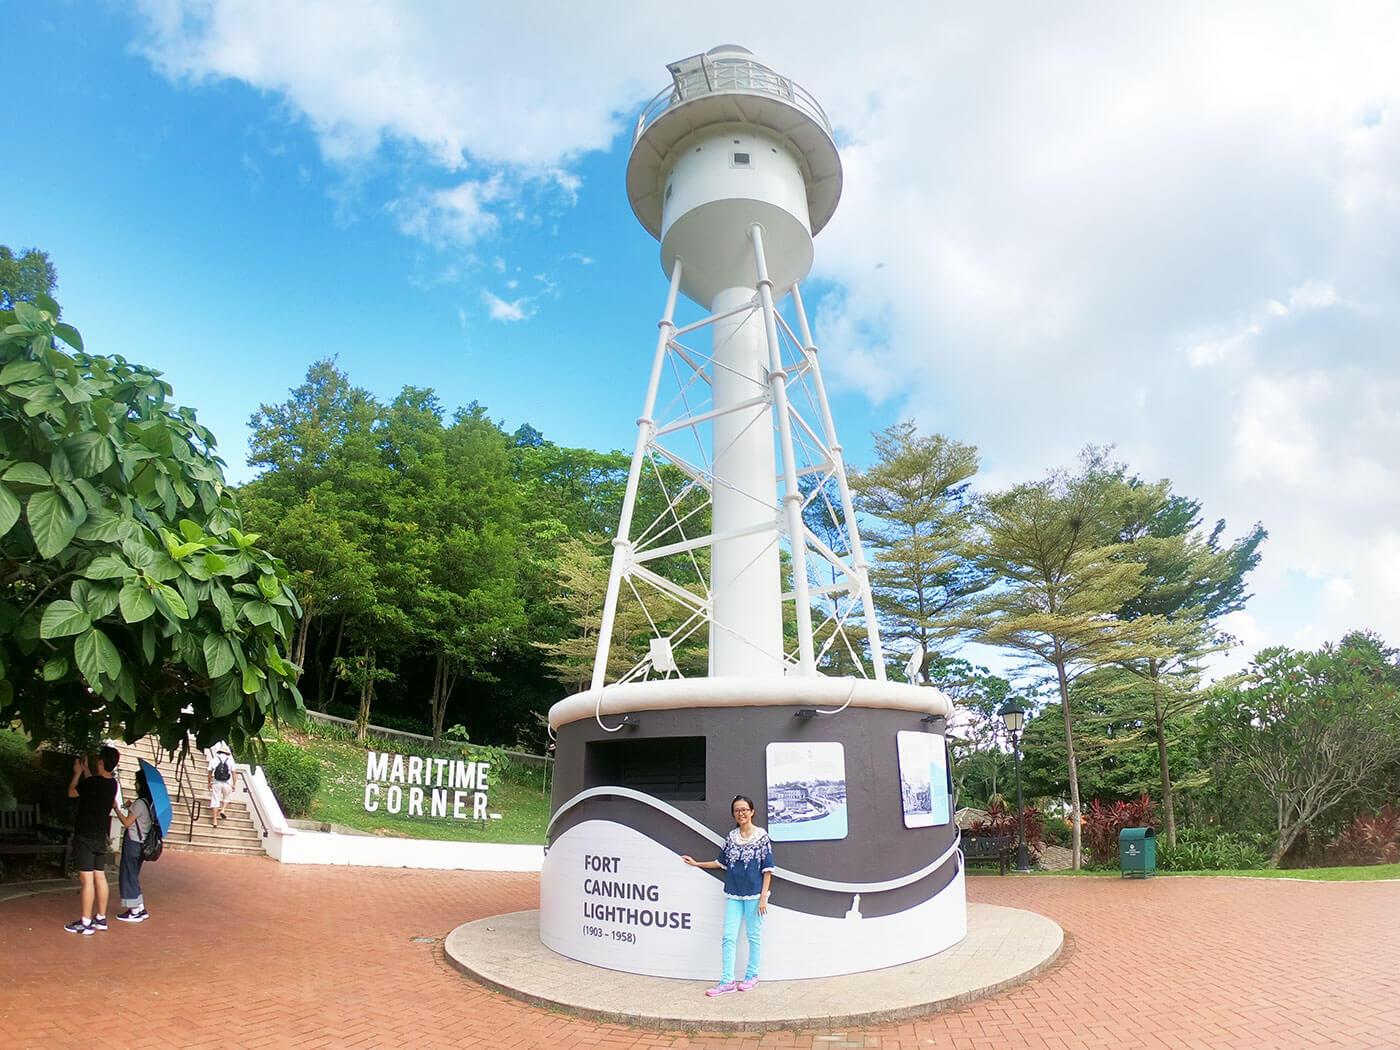 新加坡景点福康宁灯塔